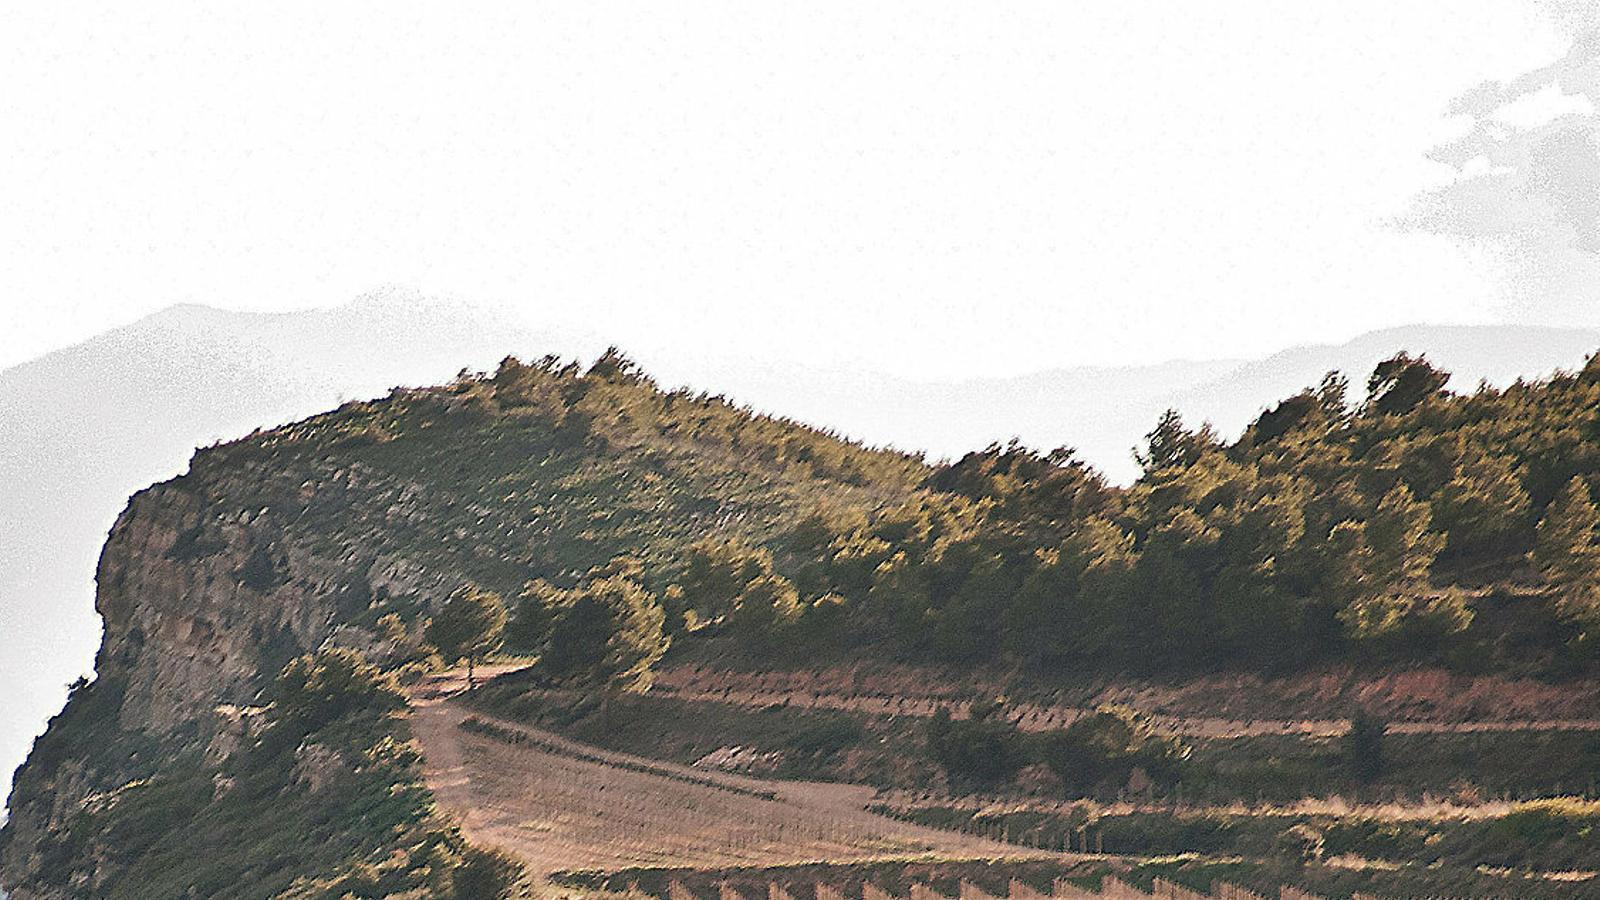 Vinyes sobre terrenys argilosos i calcaris en alçada  a la DO Montsant.